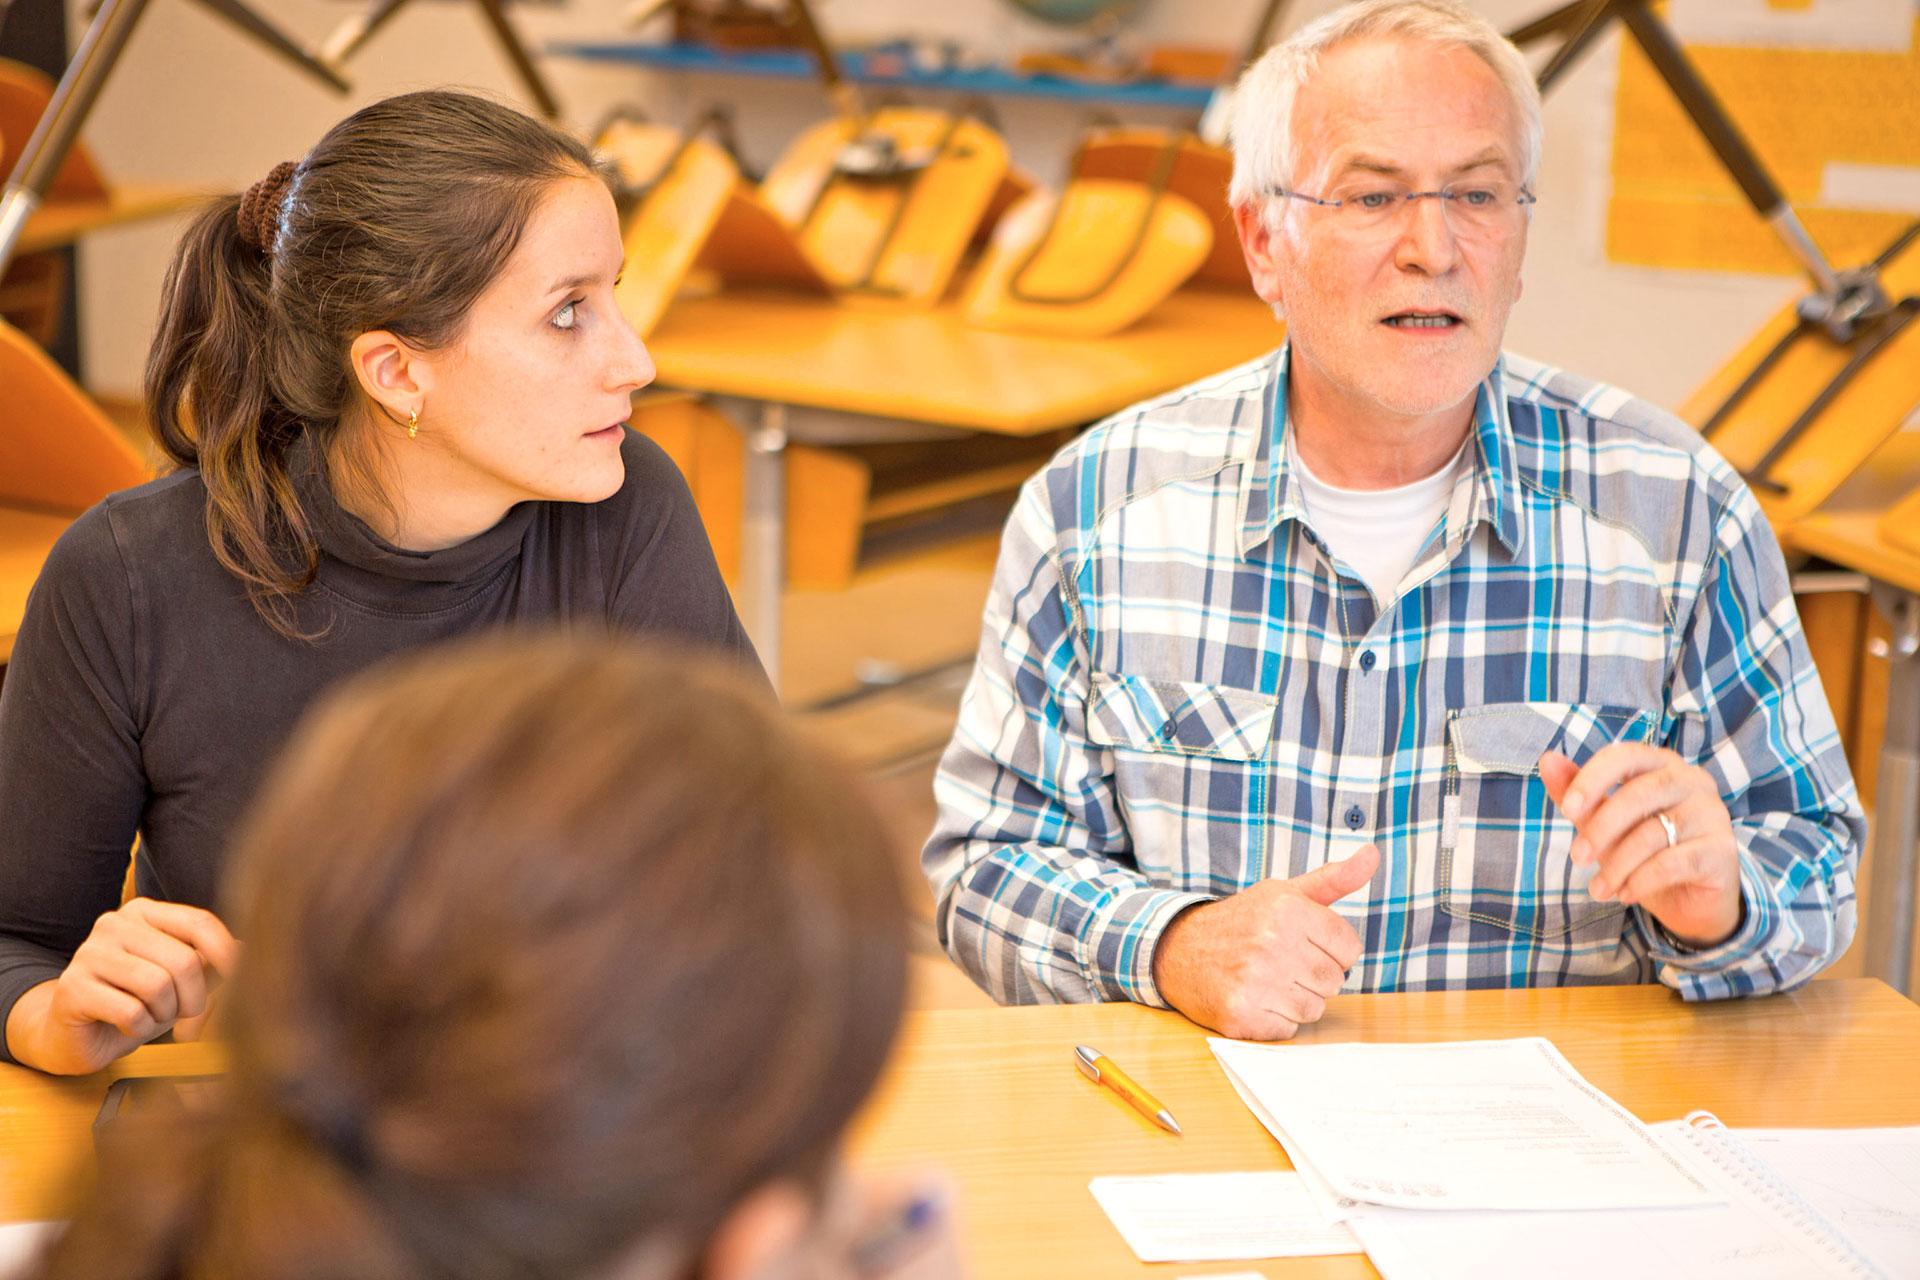 zwei Personen während einer Besprechung in einem Schulzimmer